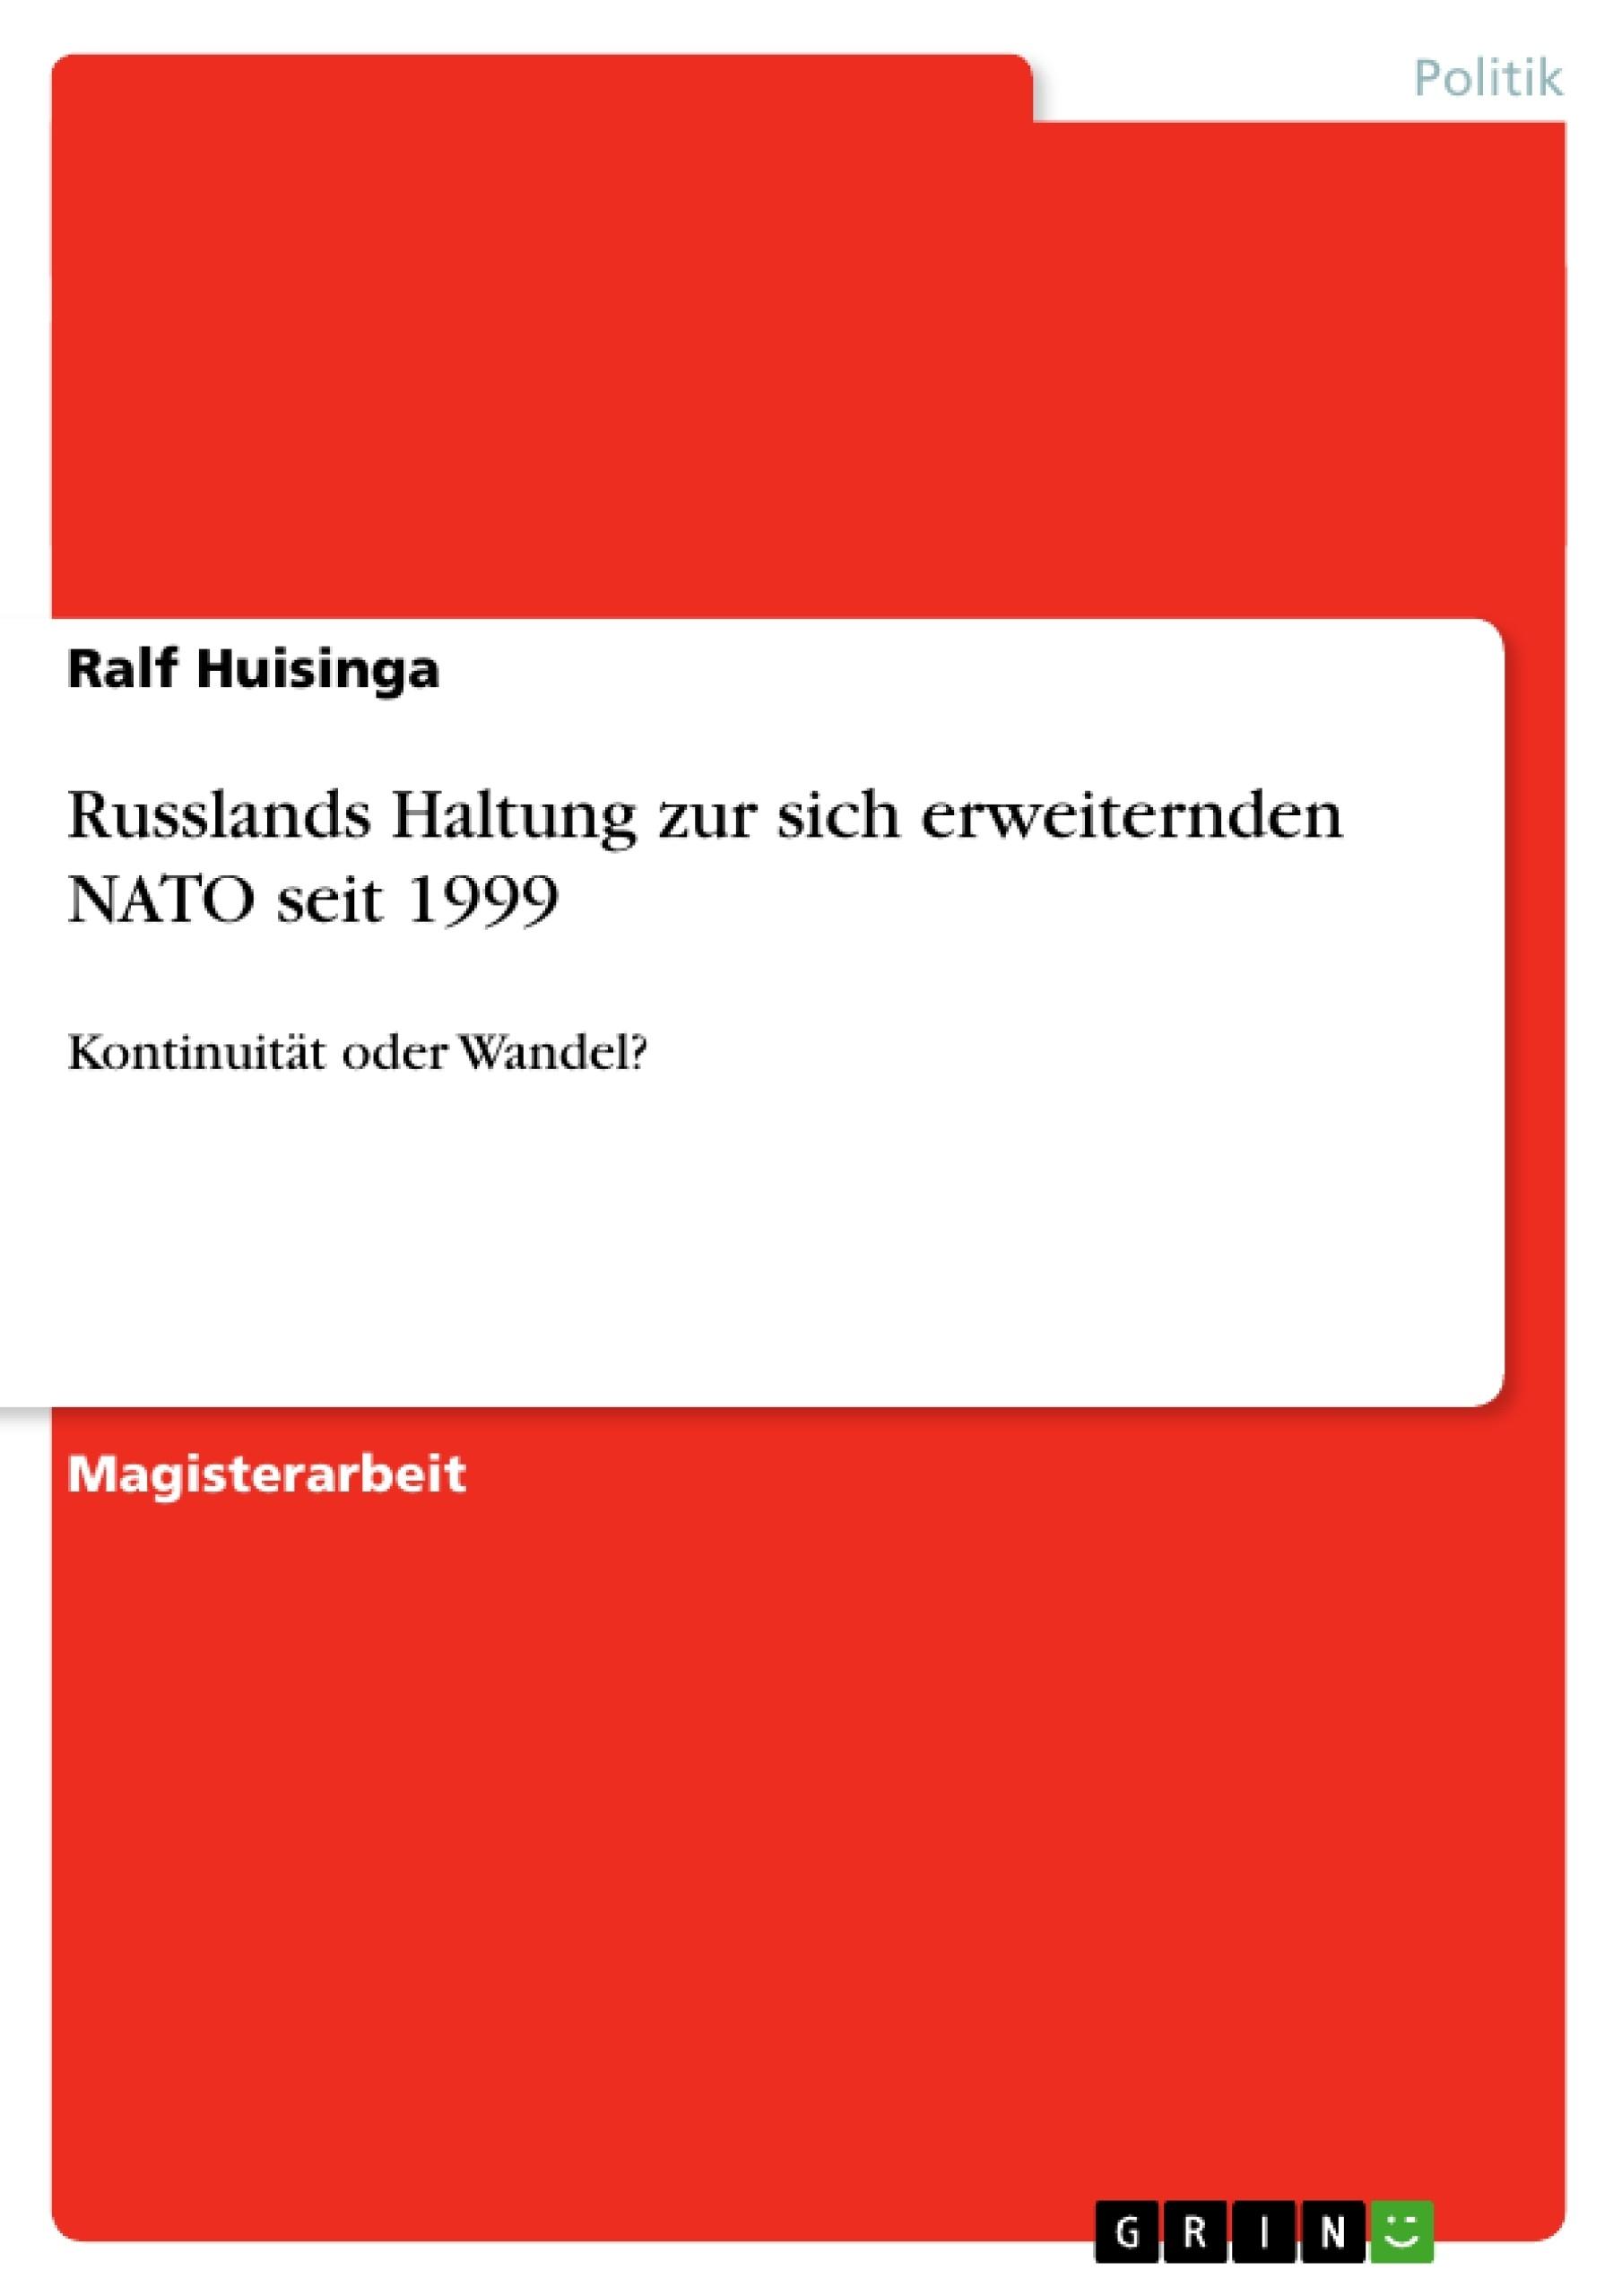 Titel: Russlands Haltung zur sich erweiternden NATO seit 1999